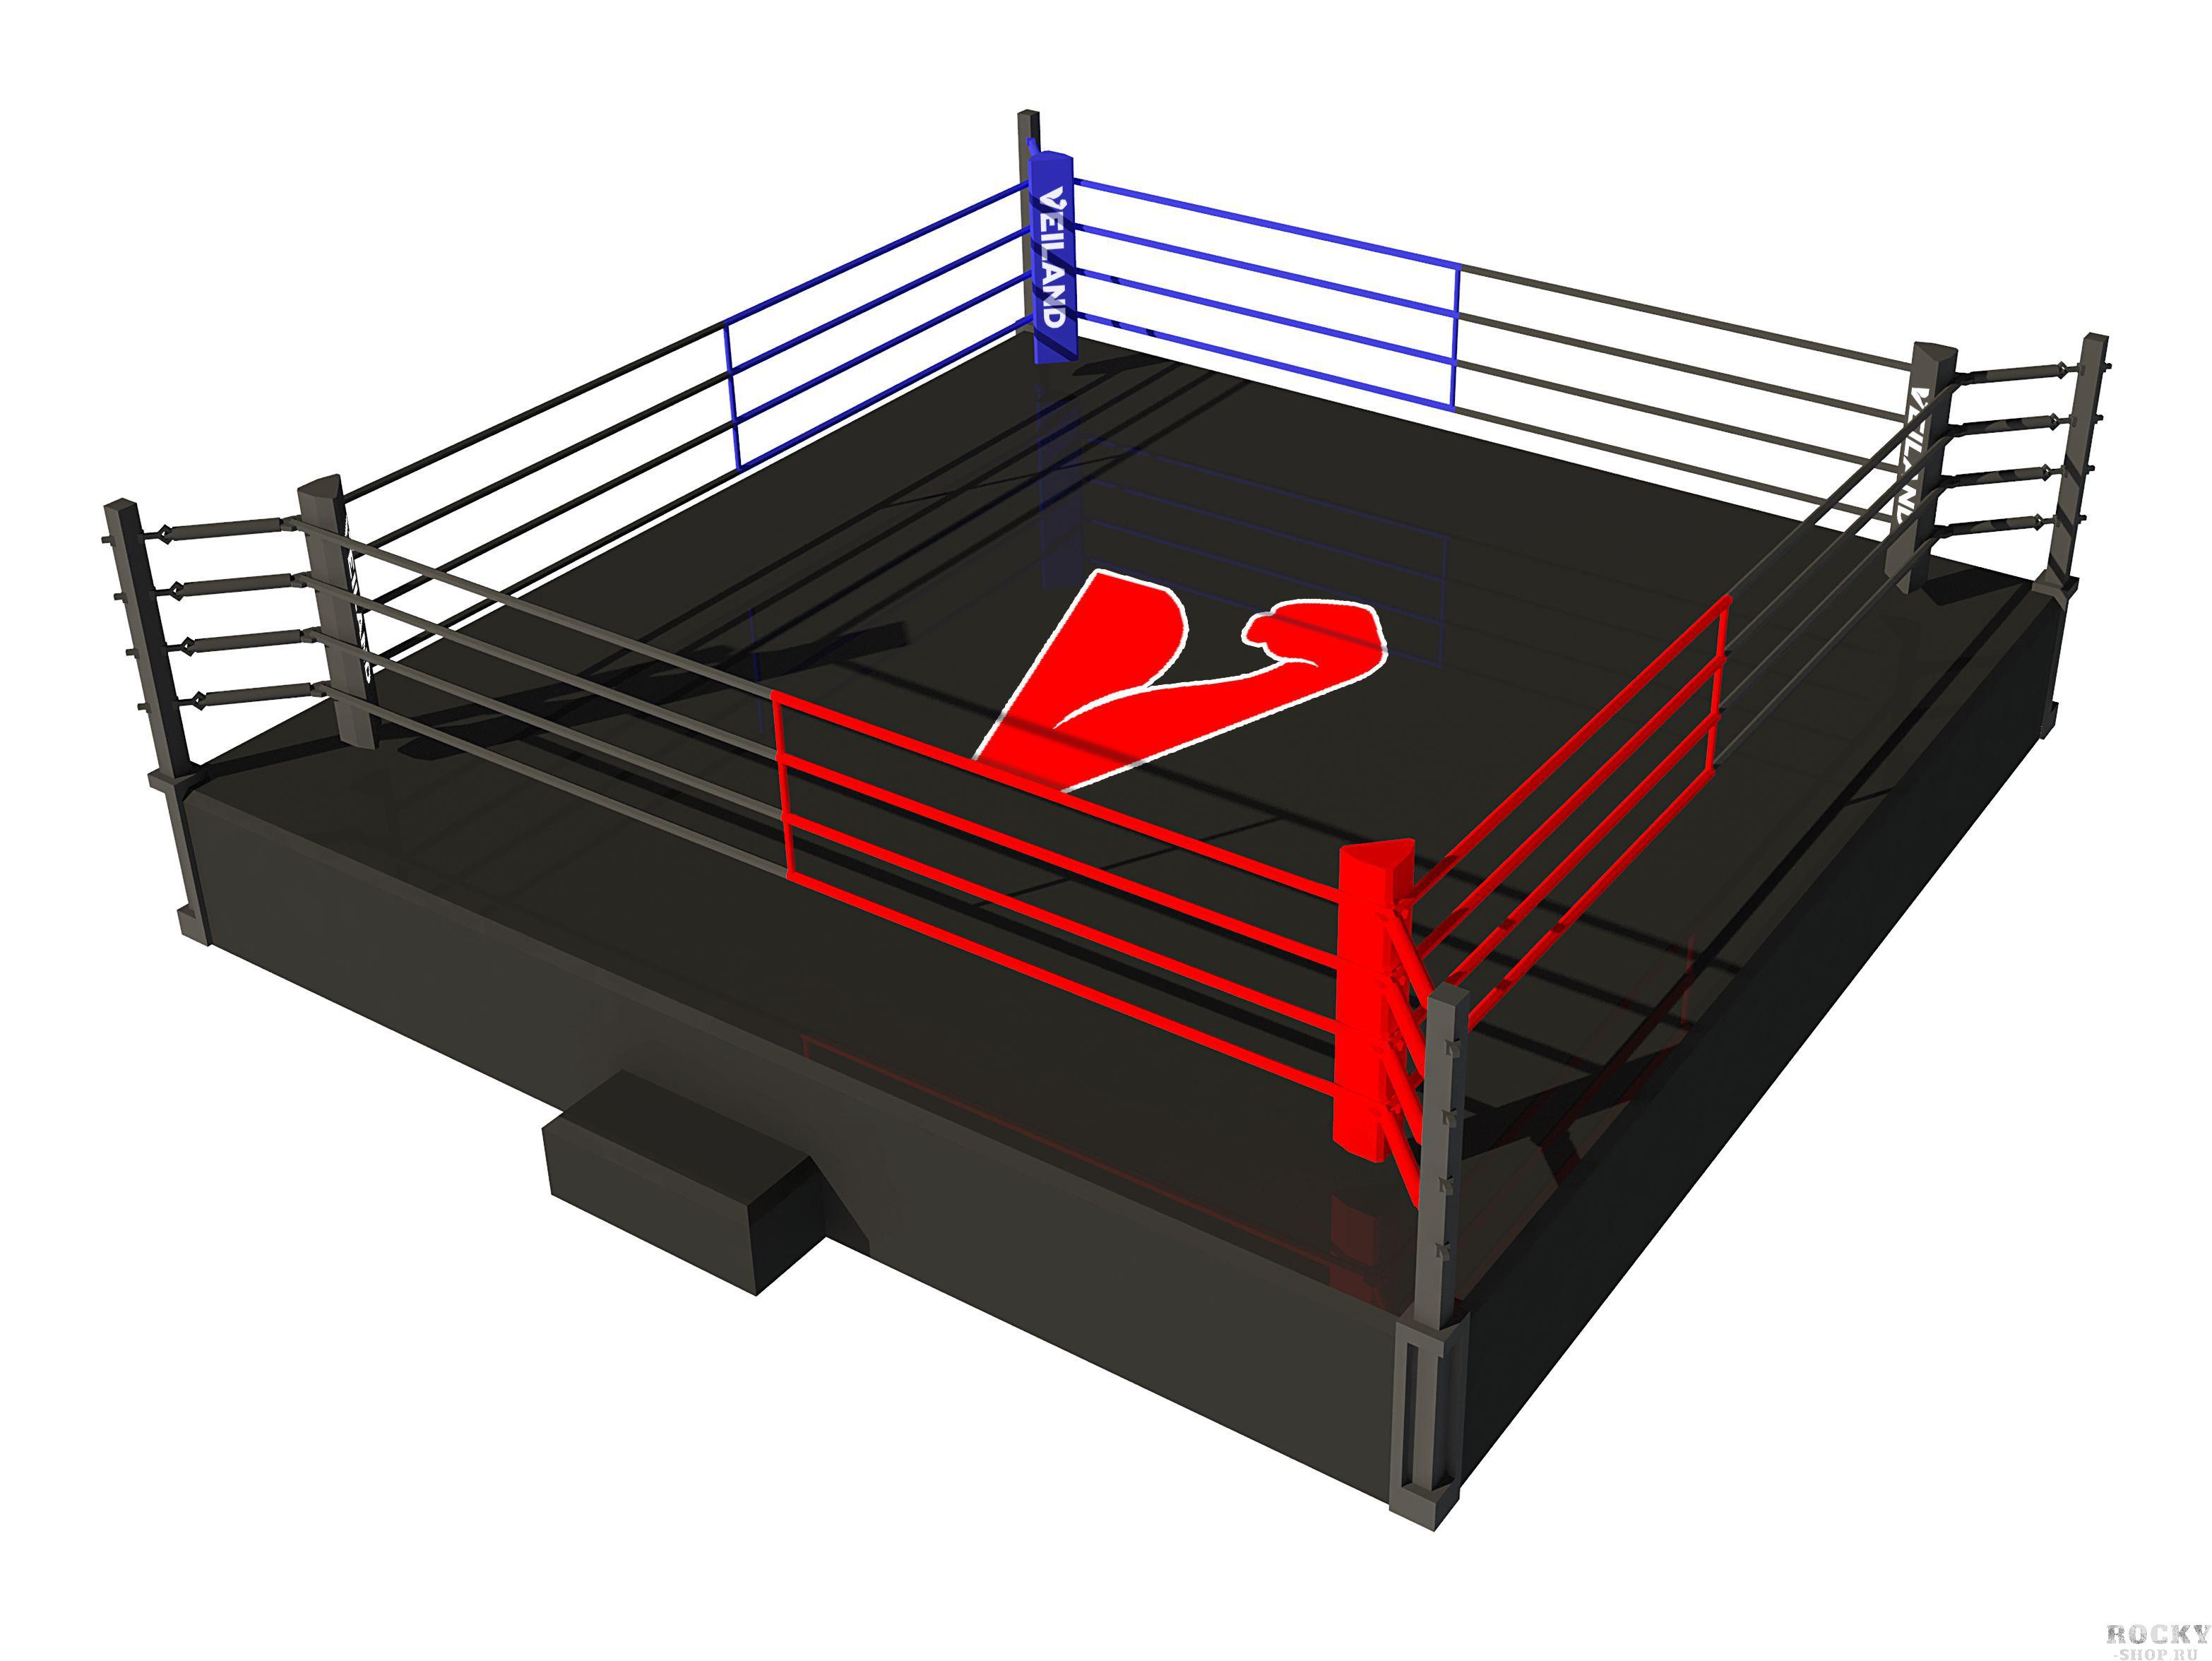 Боксерский ринг Veiland на помосте 1 метр, боевая зона 6х6 м (арт. 27547)  - купить со скидкой